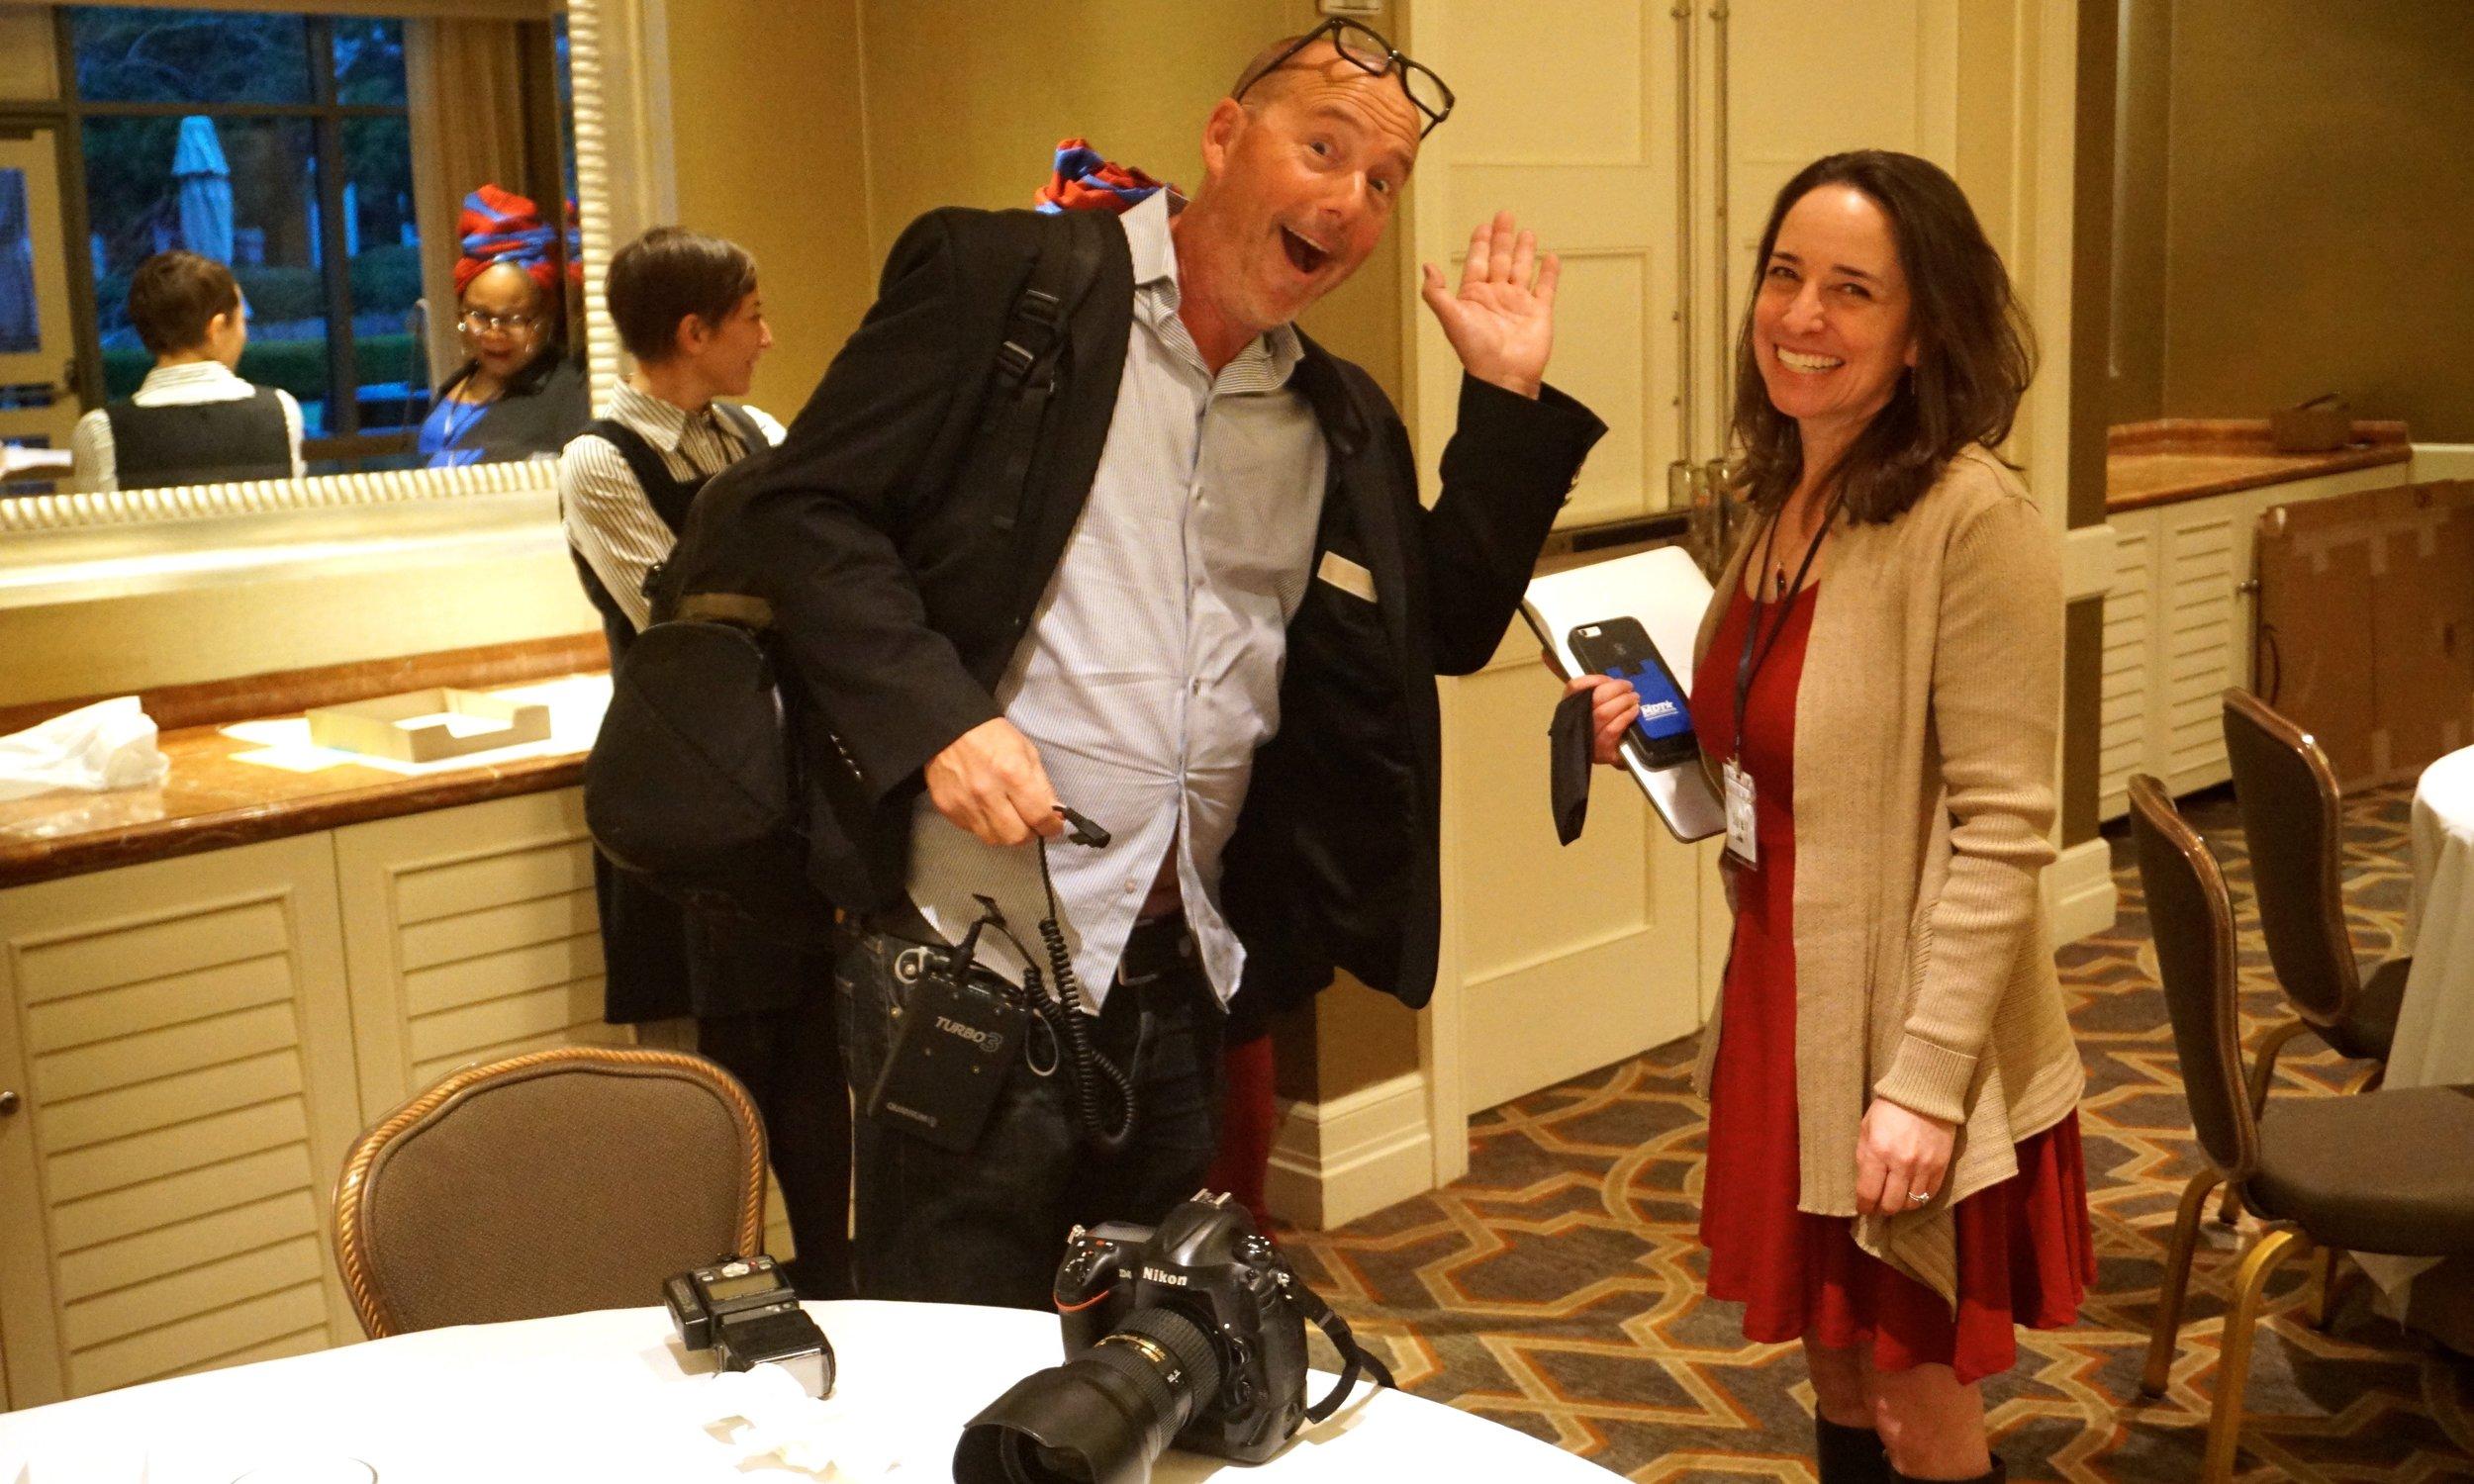 Robert Downs, photographer, chats with Sarah Elkins at #NLVAtlanta2019